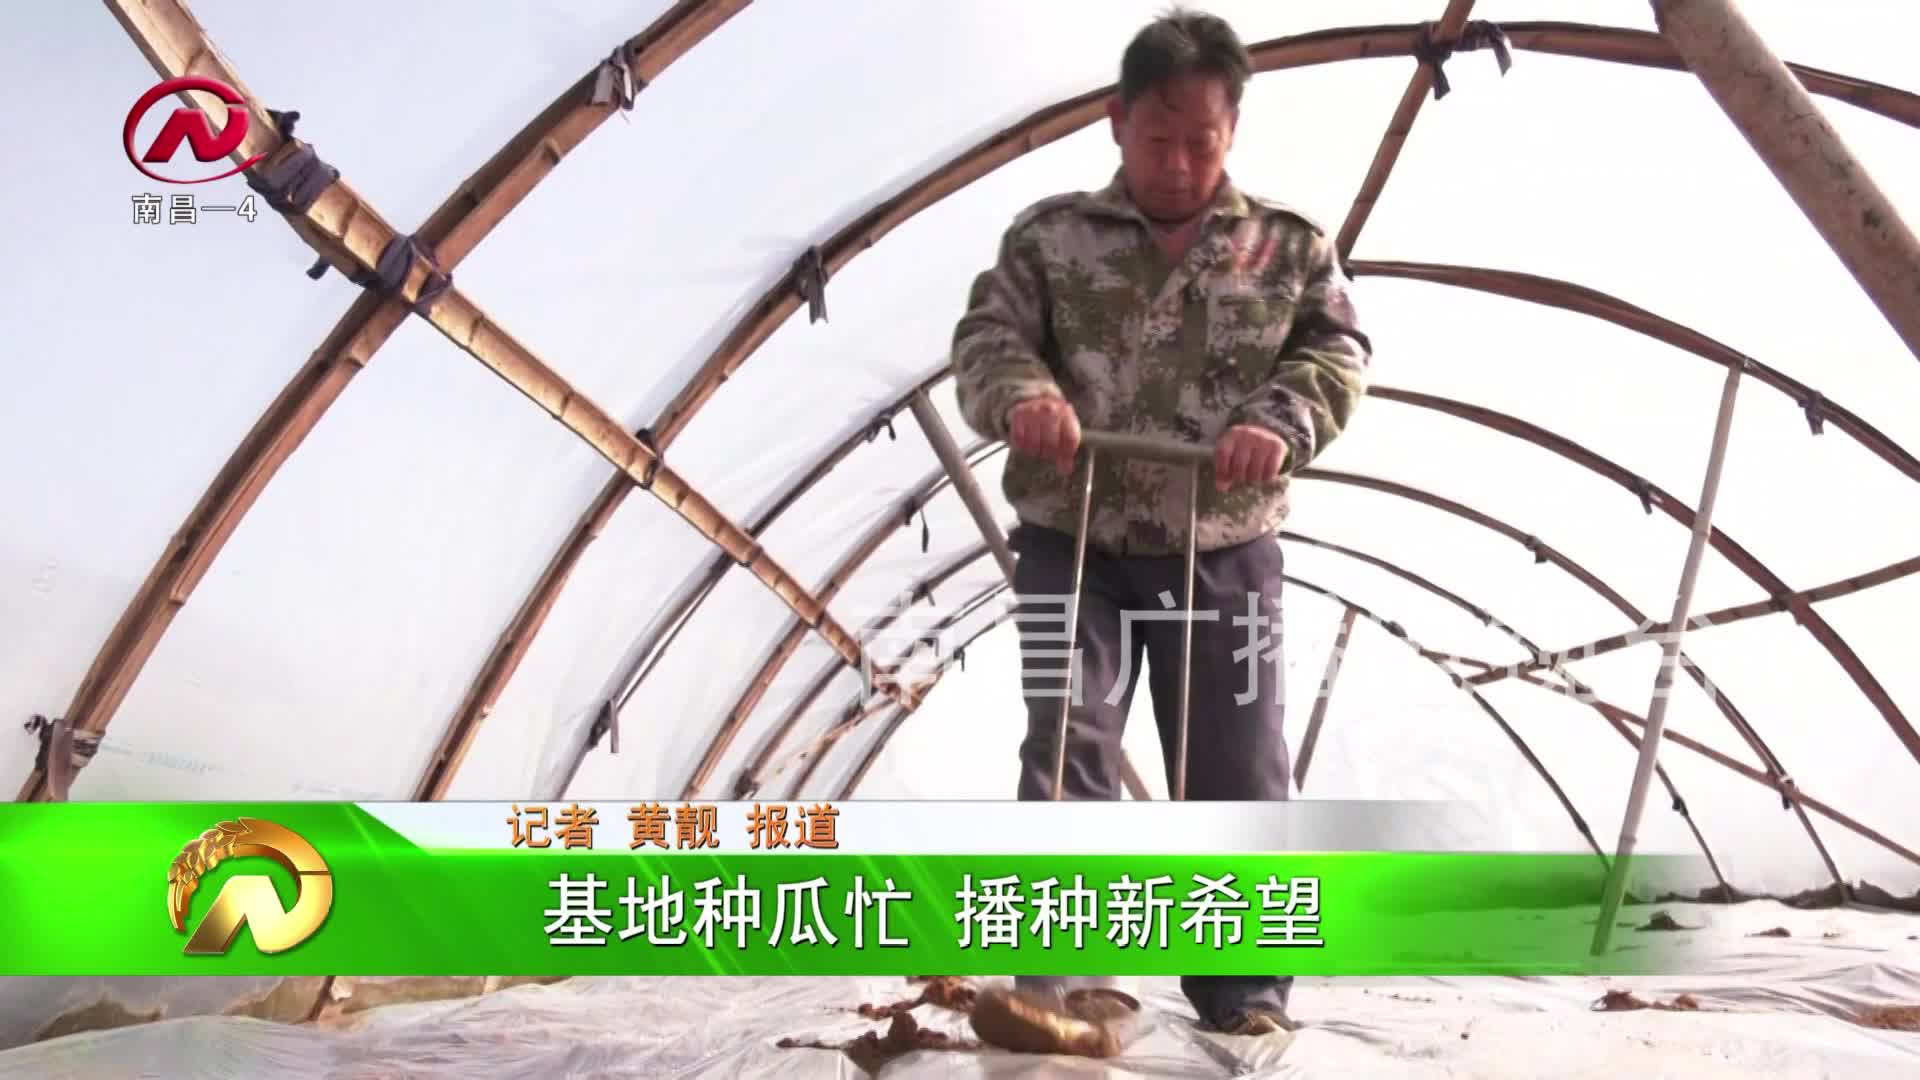 【豫章农视】进贤县:基地种瓜忙 播种新希望